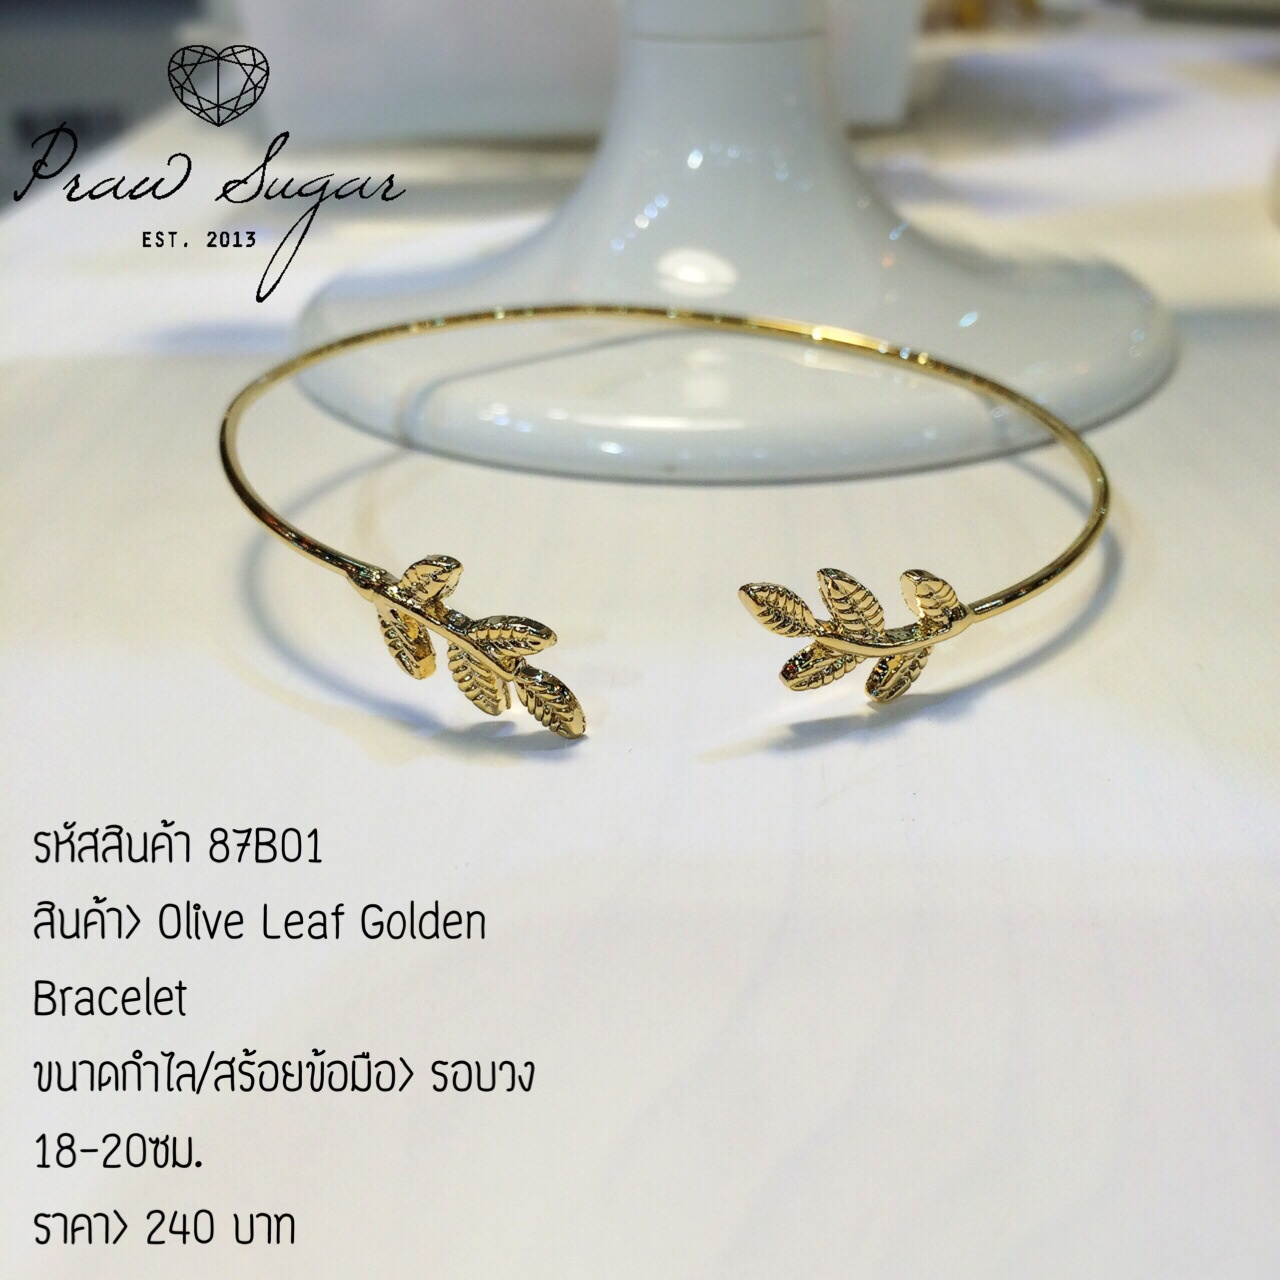 Olive Leaf Golden Bracelet